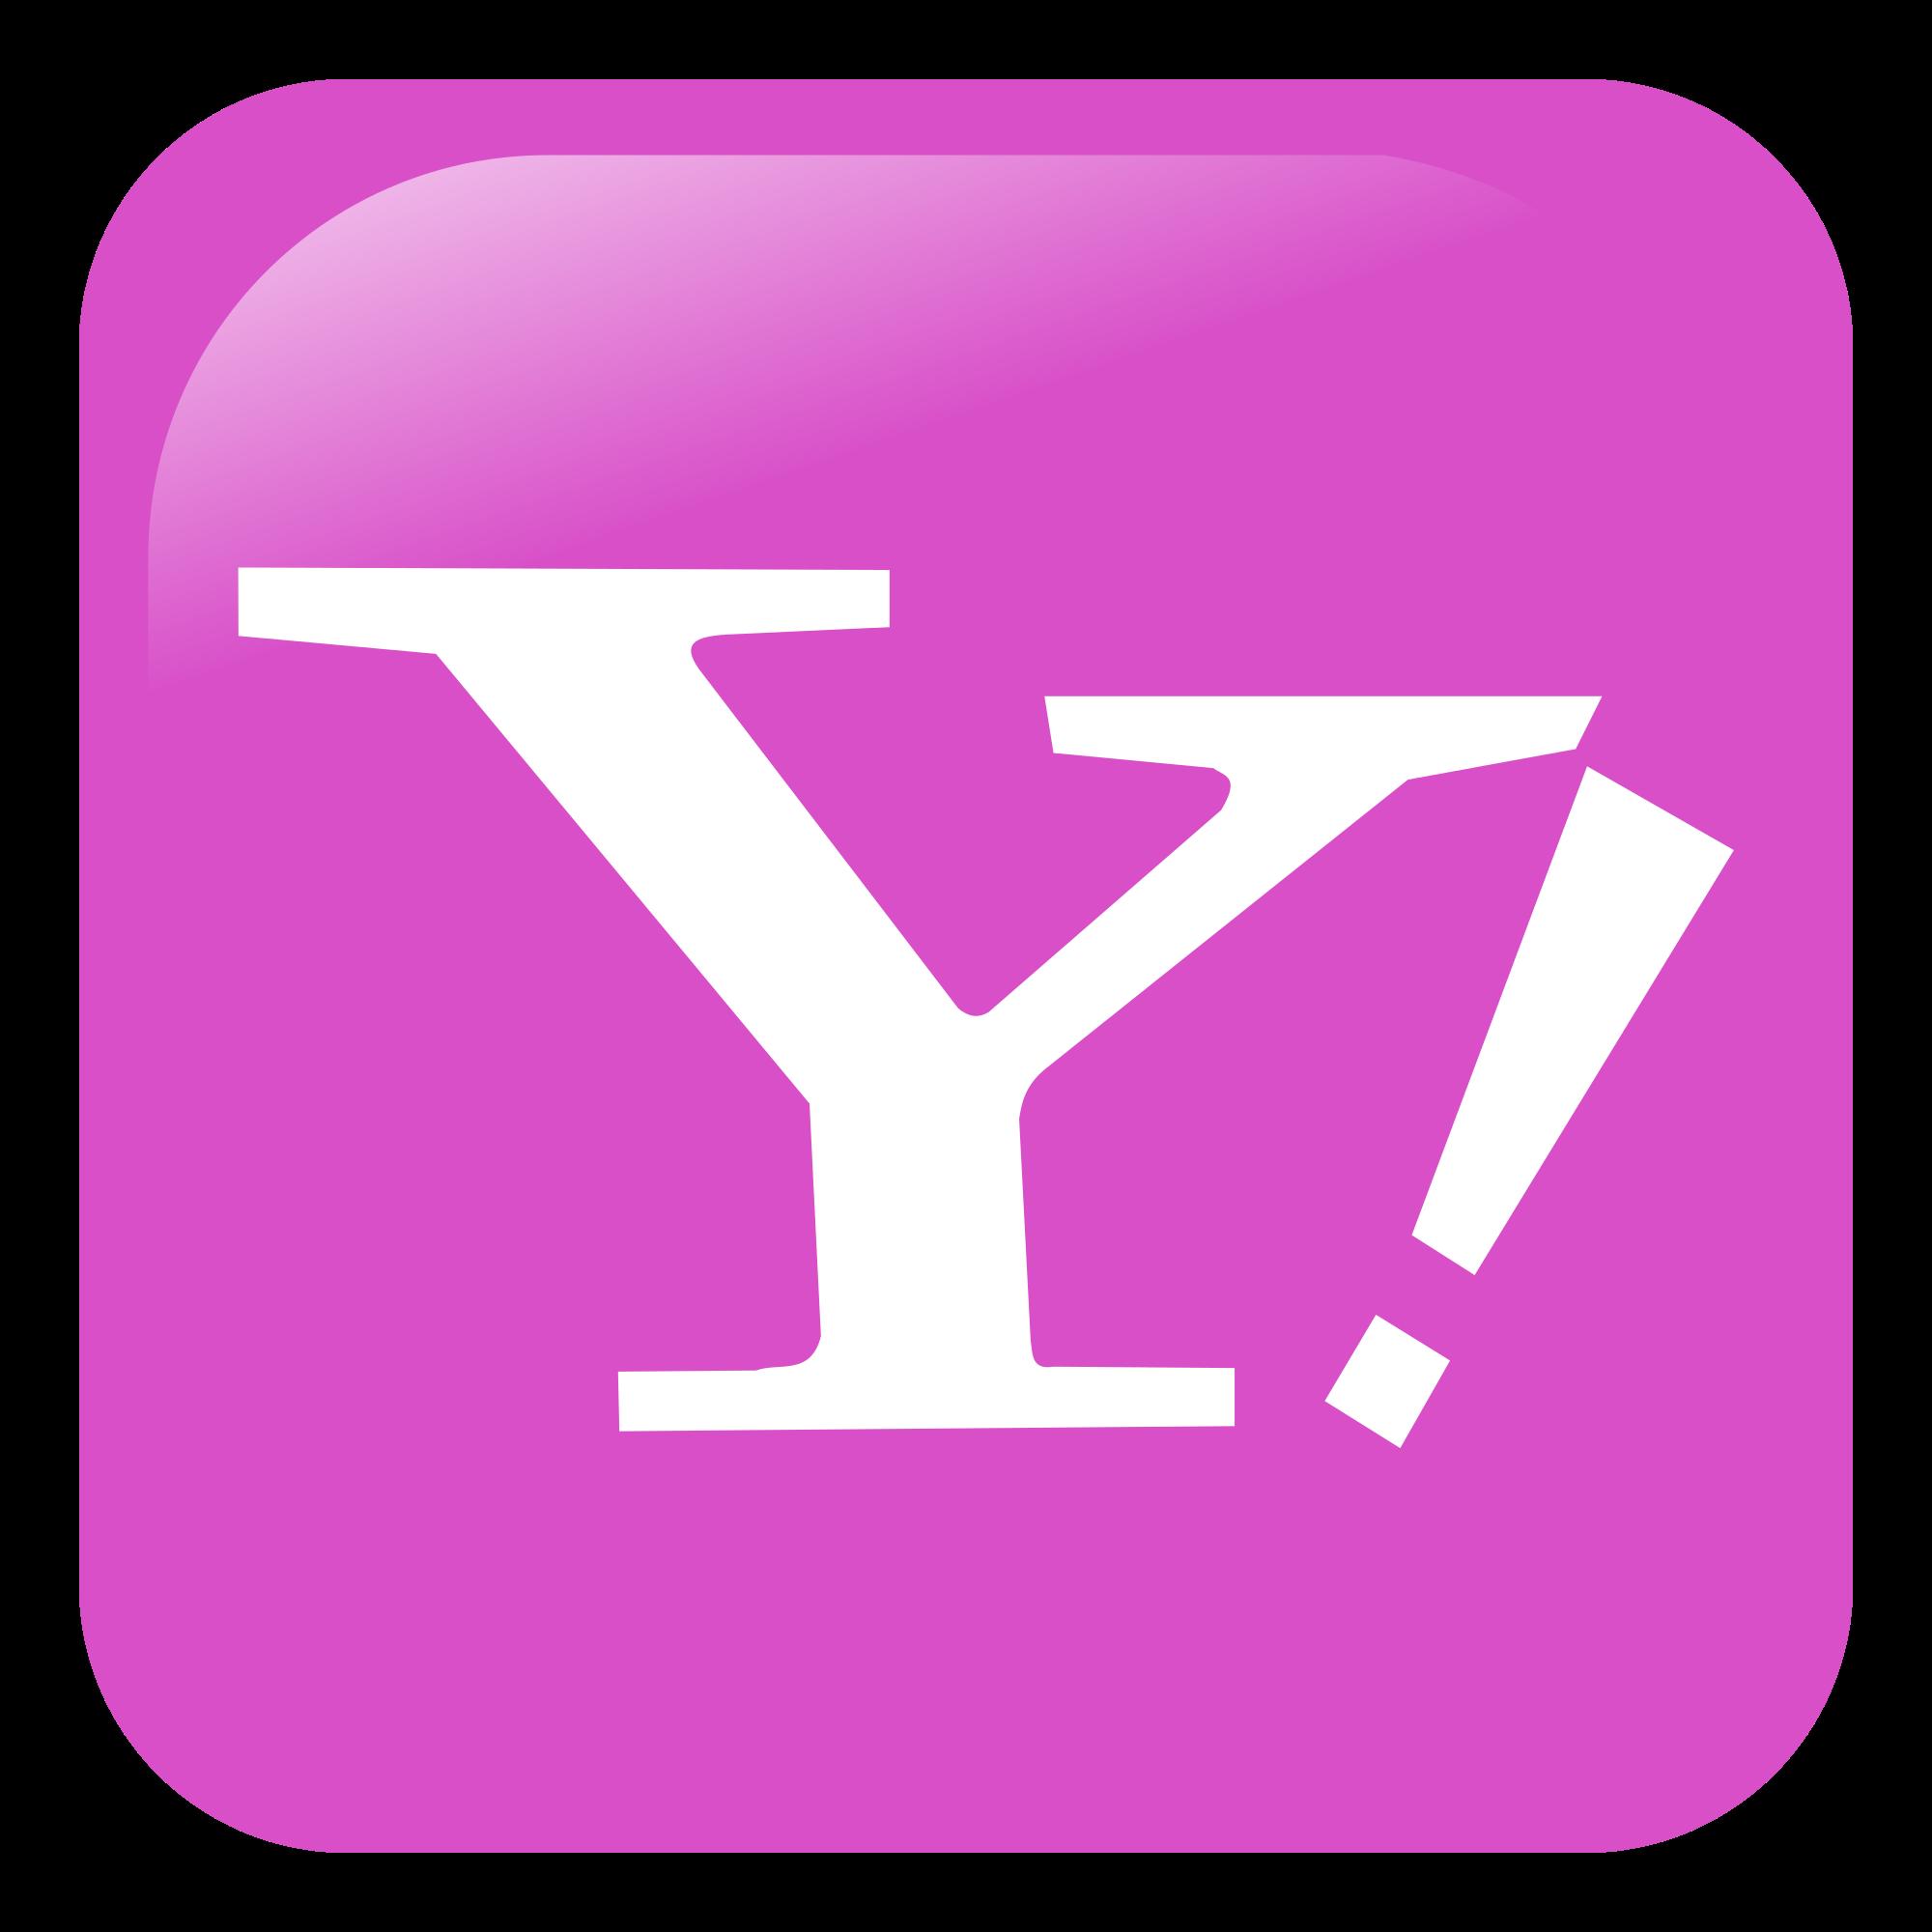 yahoo04